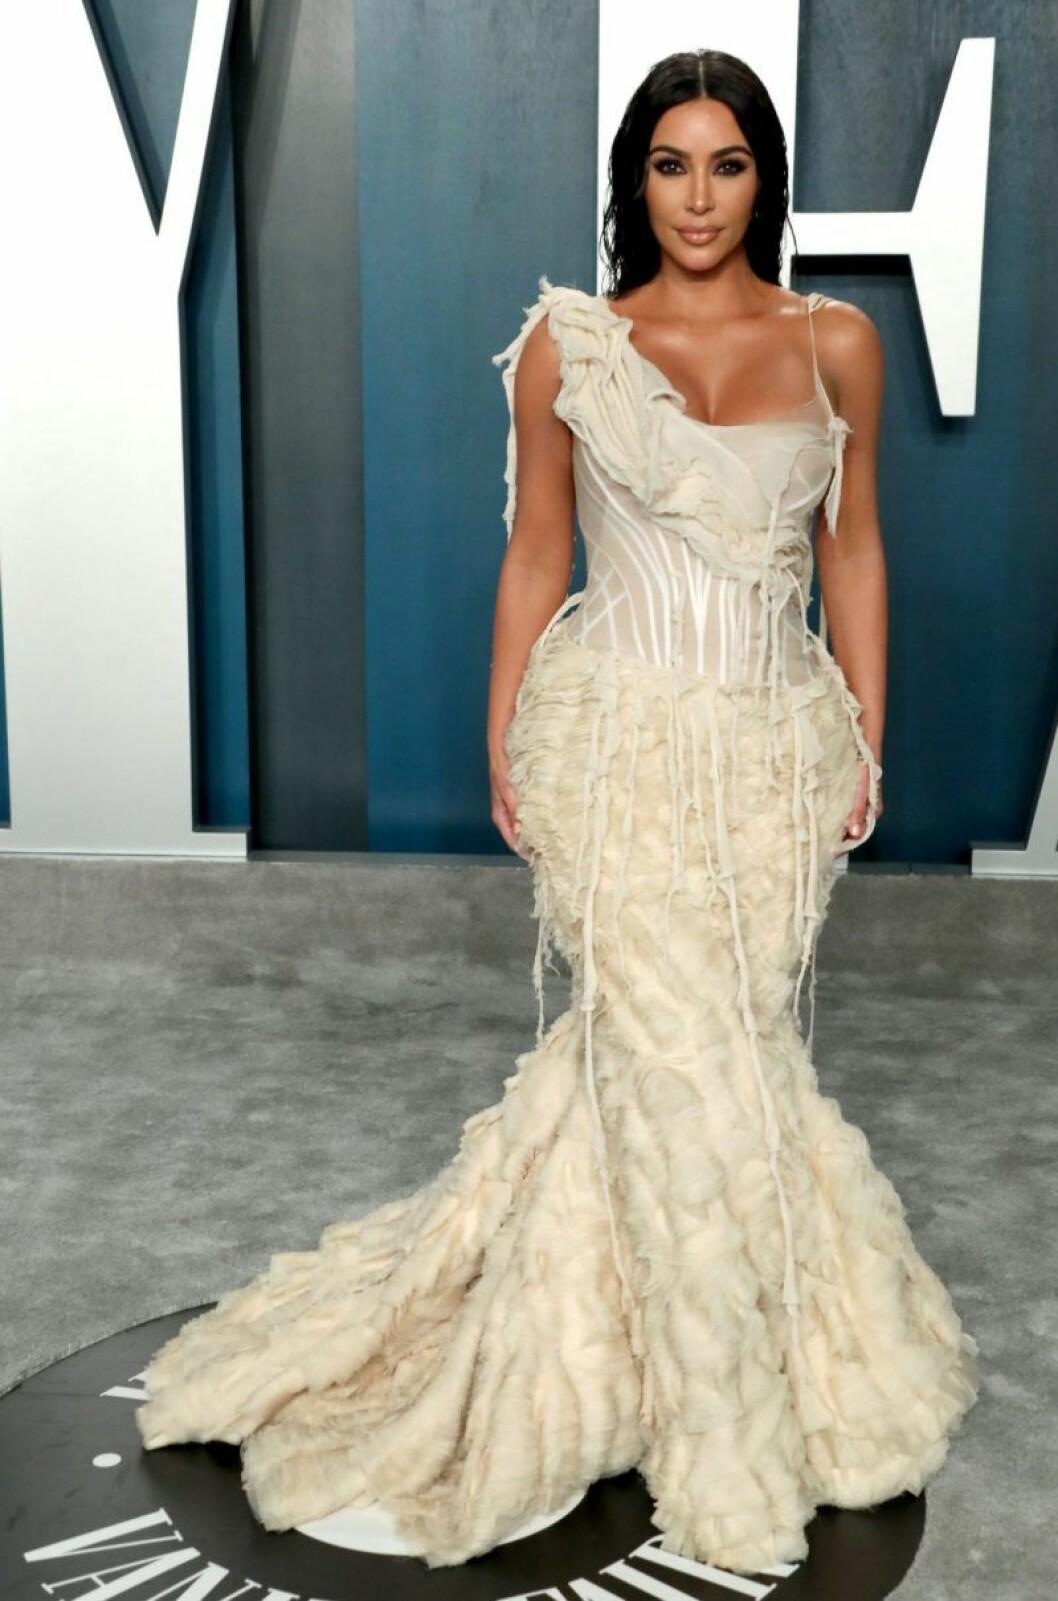 Kim Kardashian West i vit klänning med fjädrar